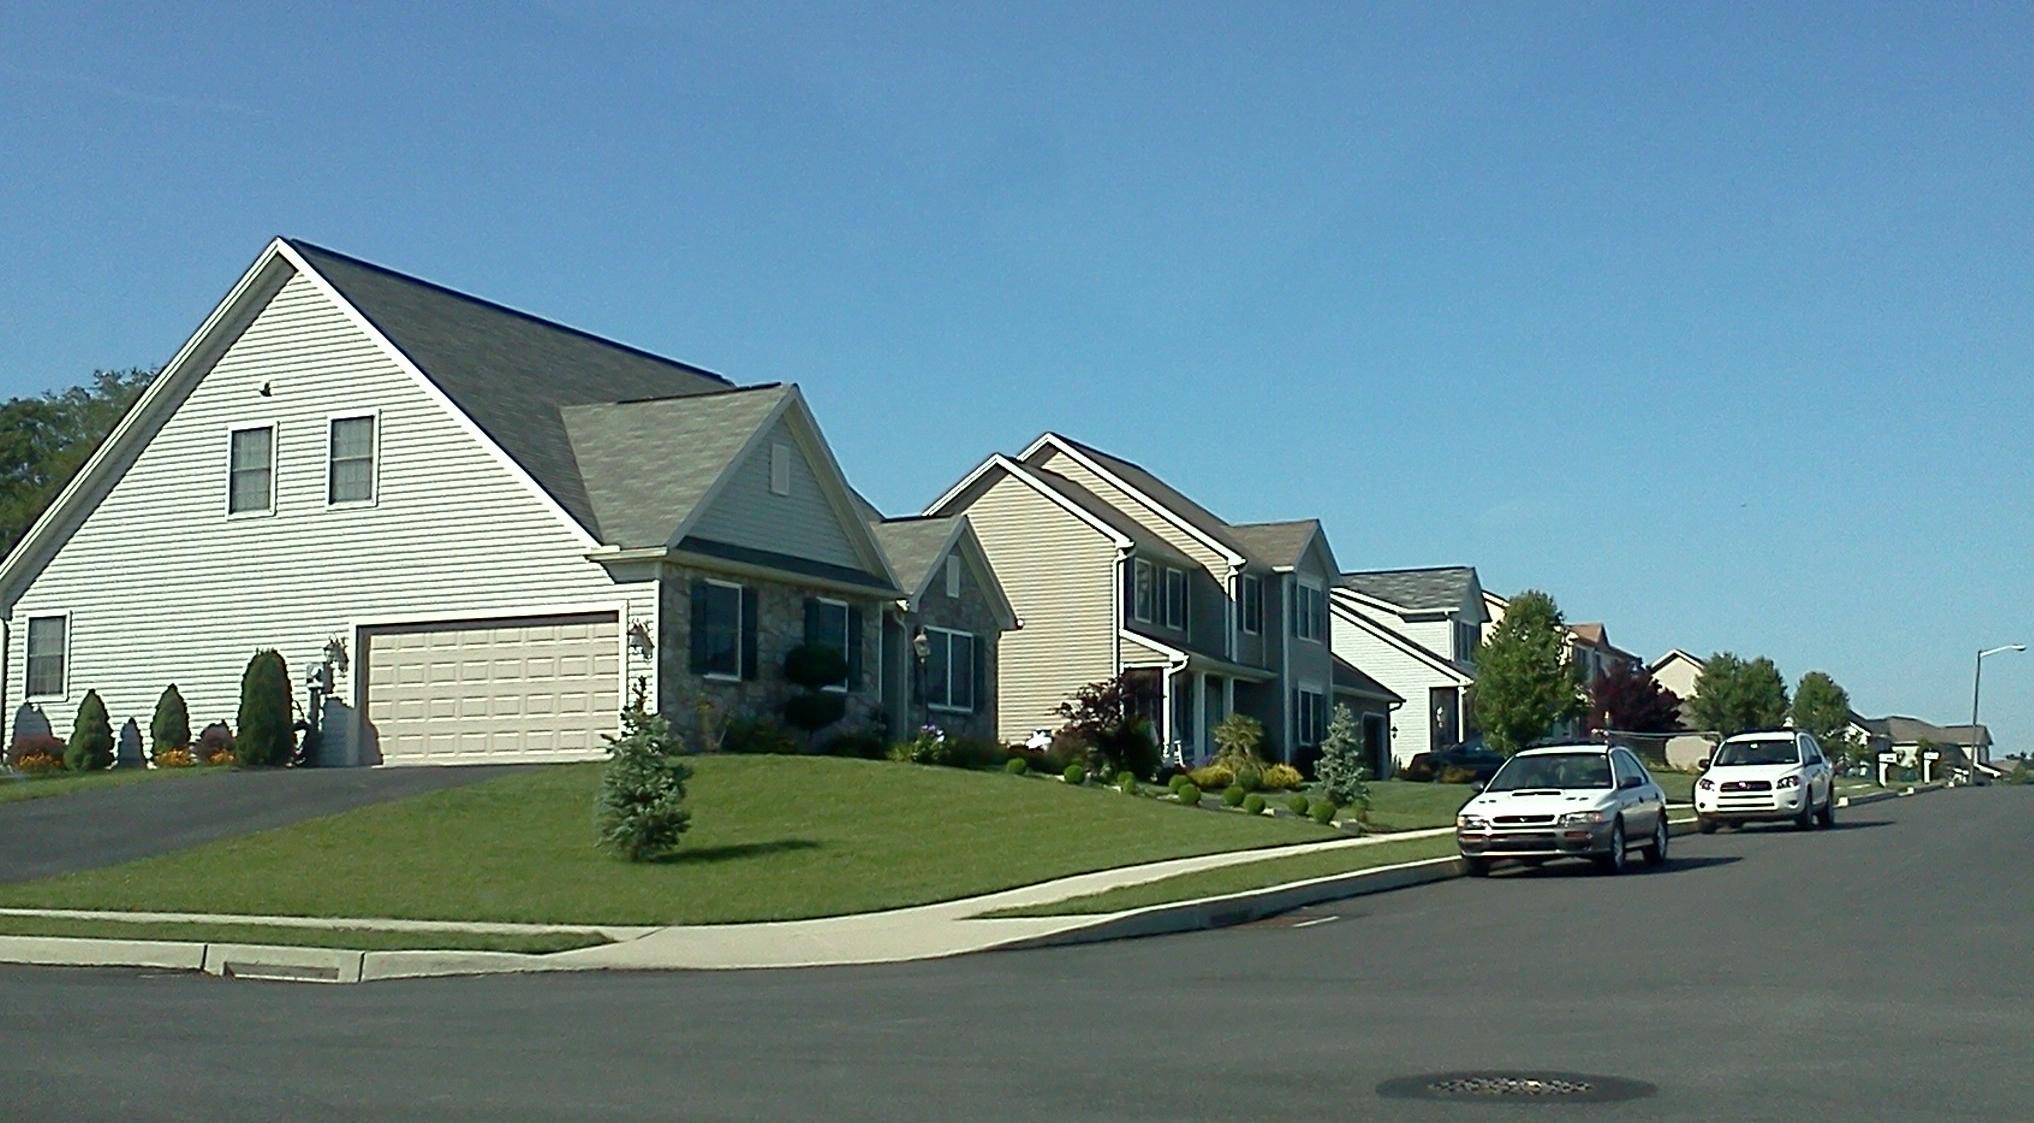 Homes, Homeowners, Properties, Neighborhood